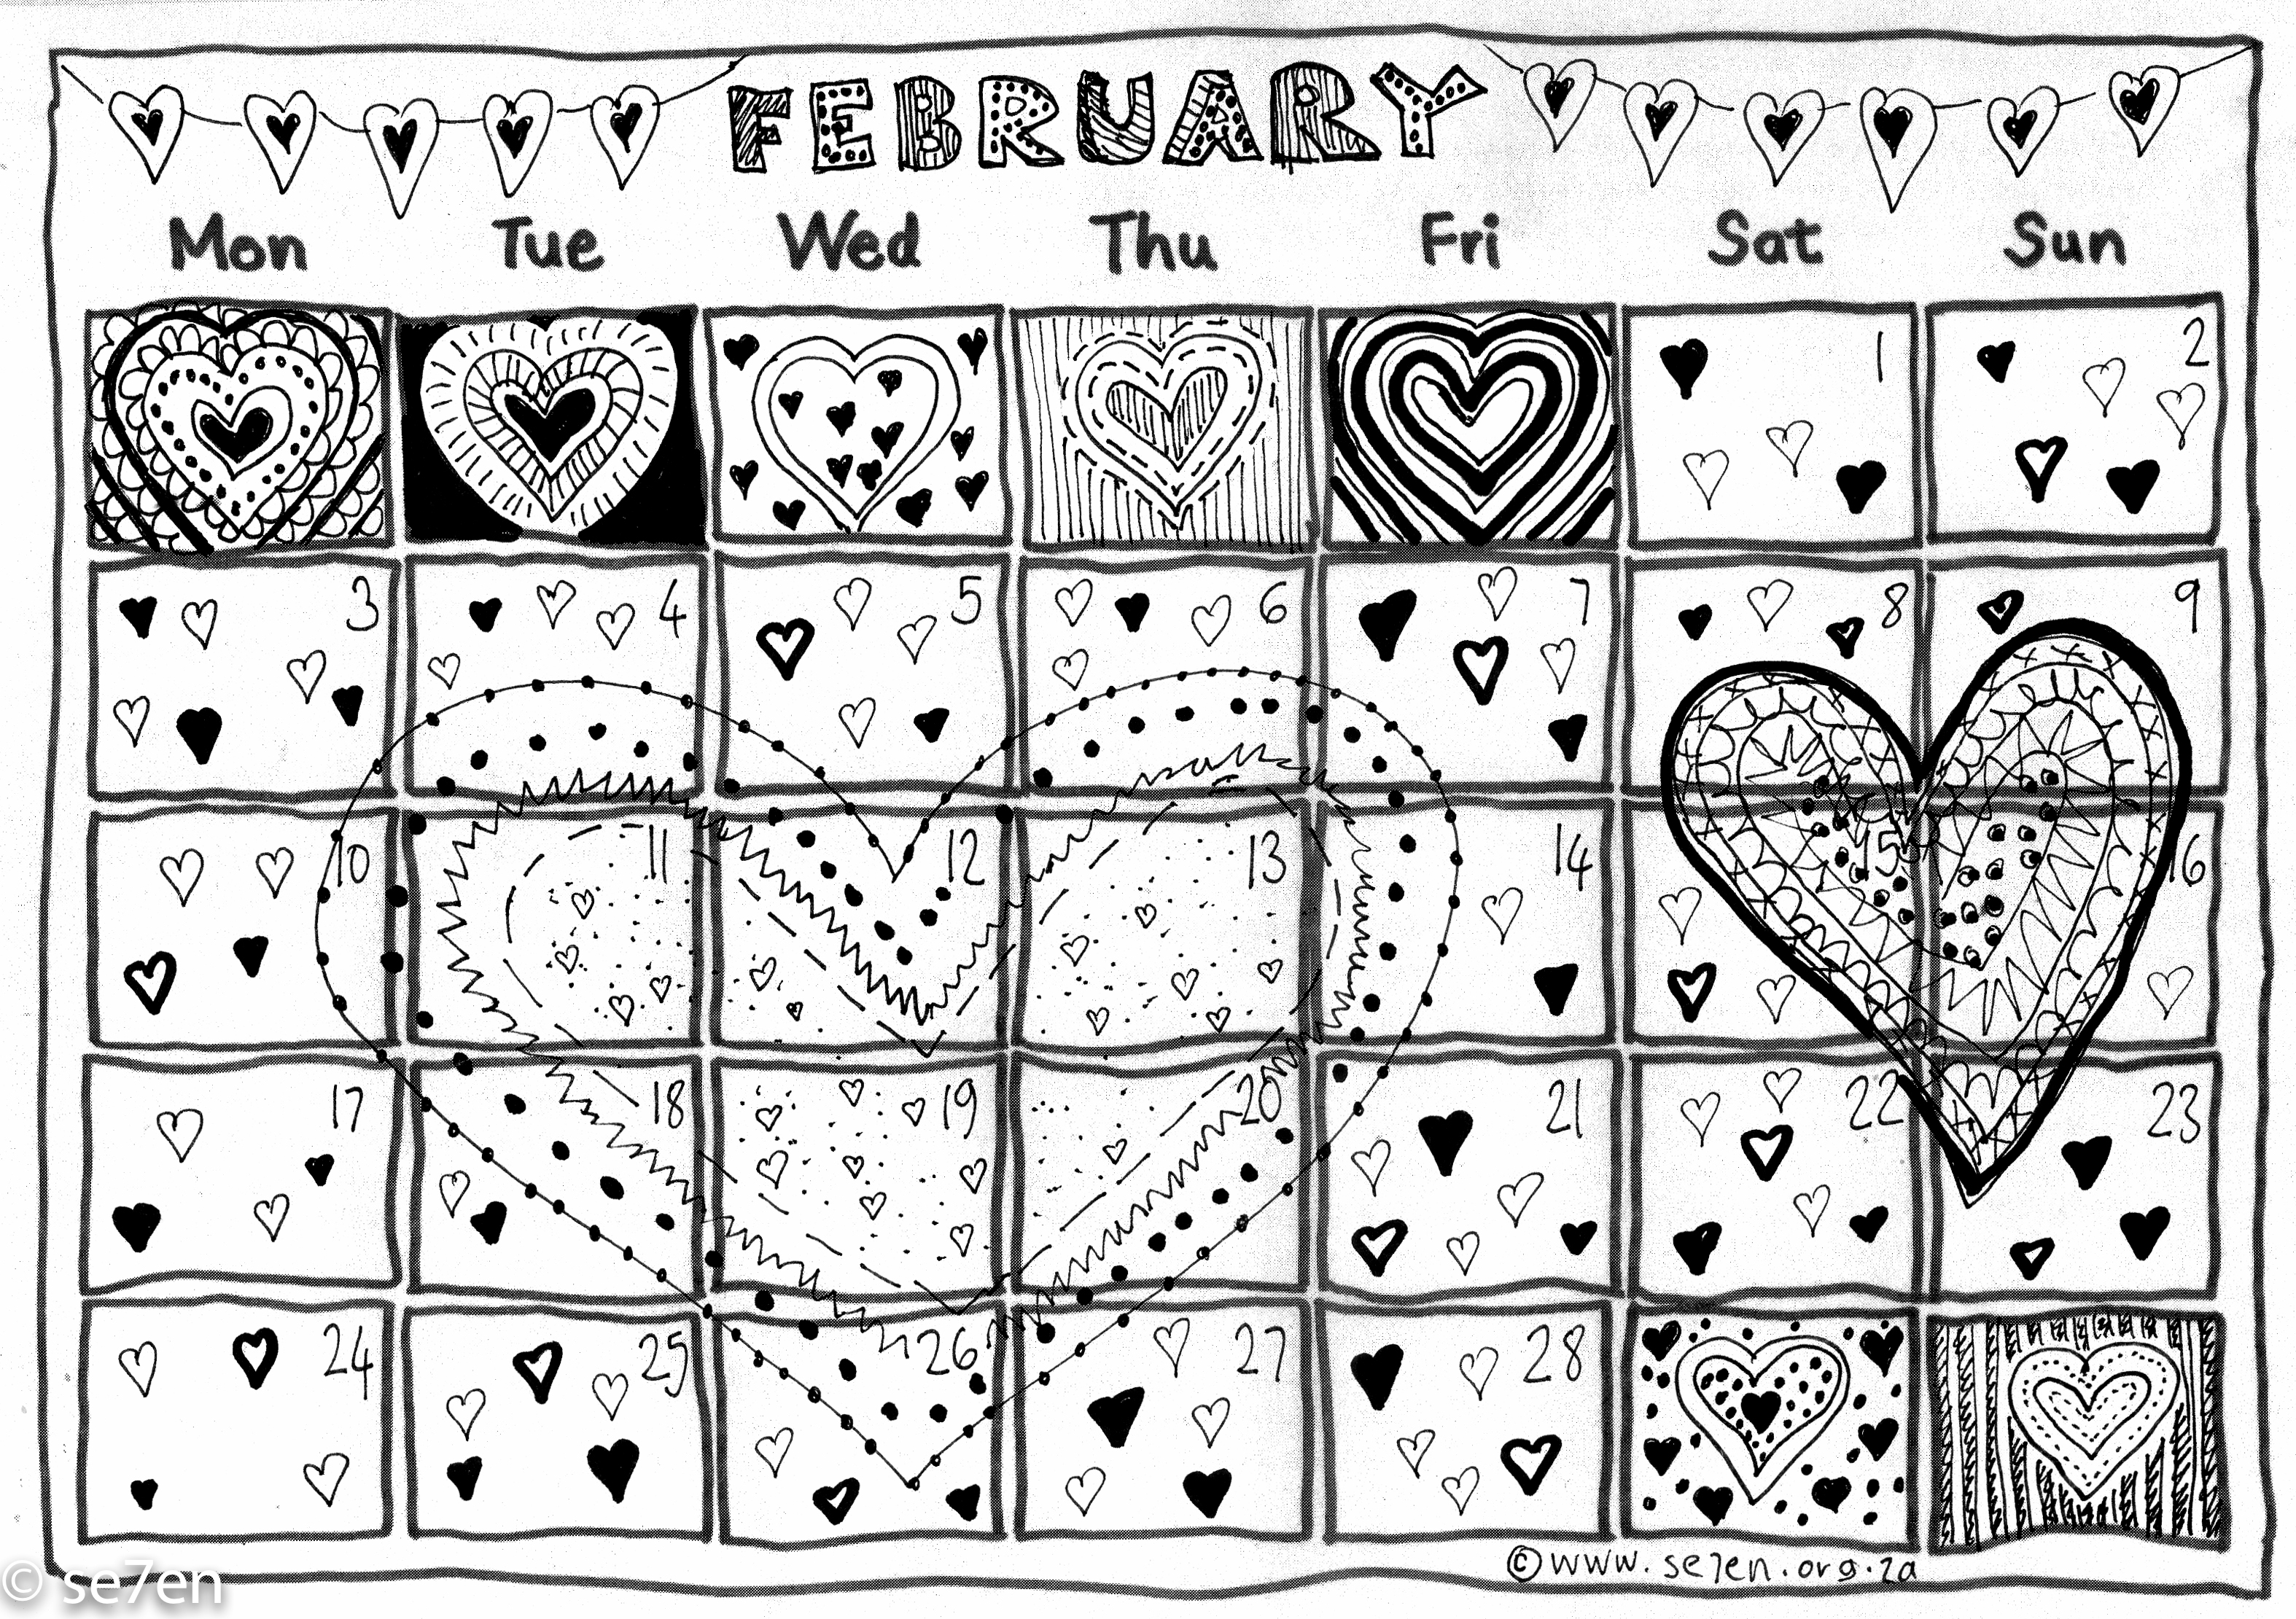 se7en-02-Feb-14-February 2014010.jpg